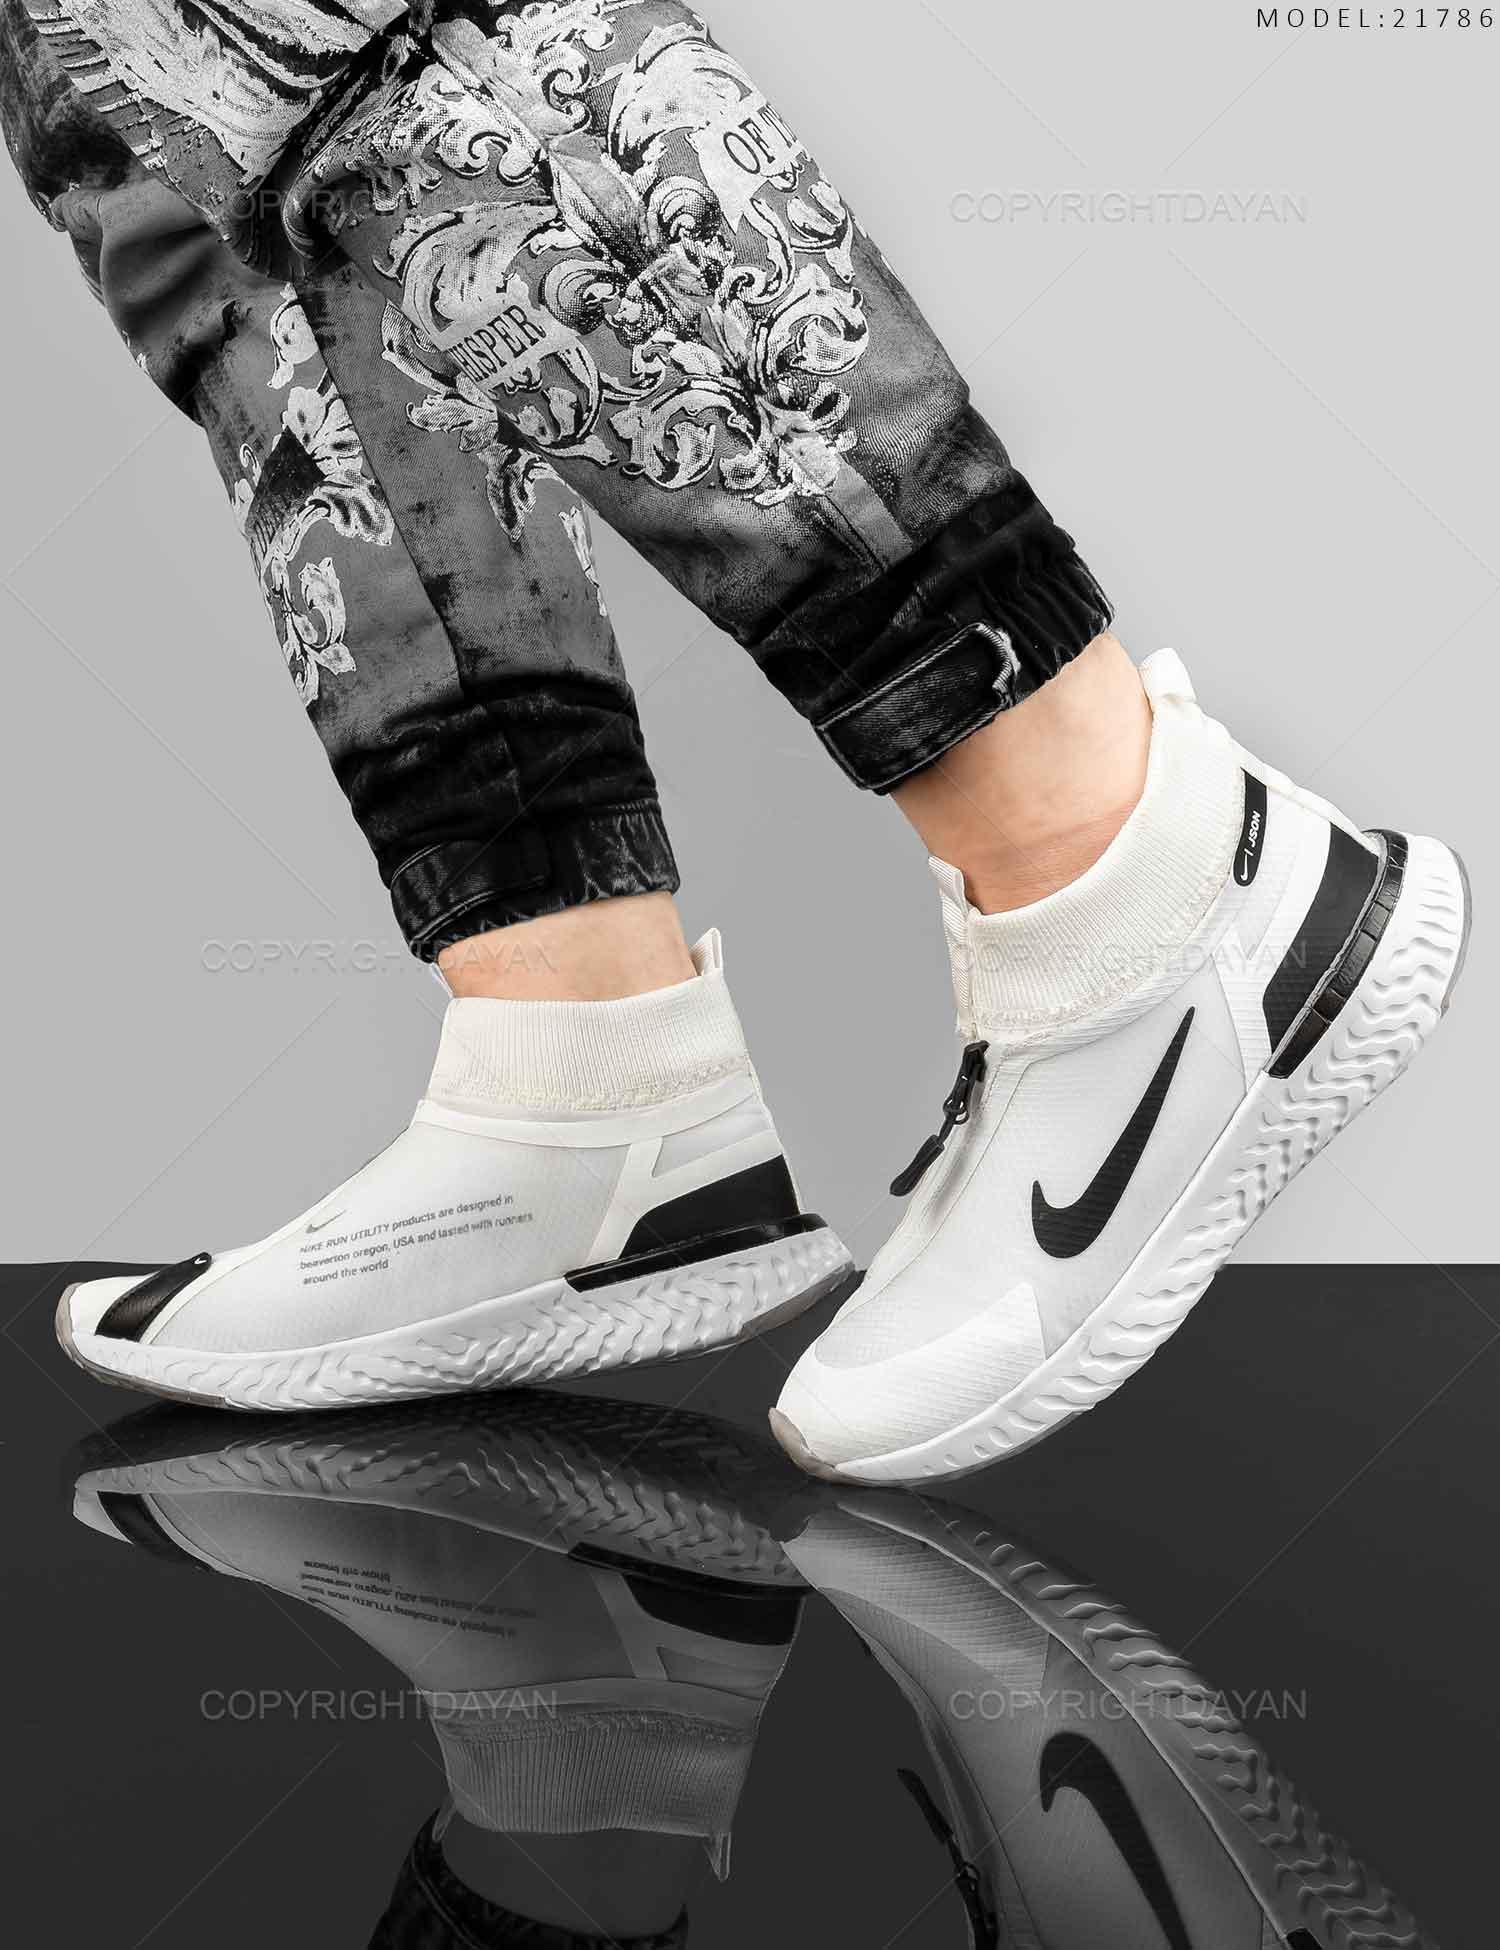 کفش ساقدار مردانه Nike مدل 21786 کفش ساقدار مردانه Nike مدل 21786 319,000 تومان